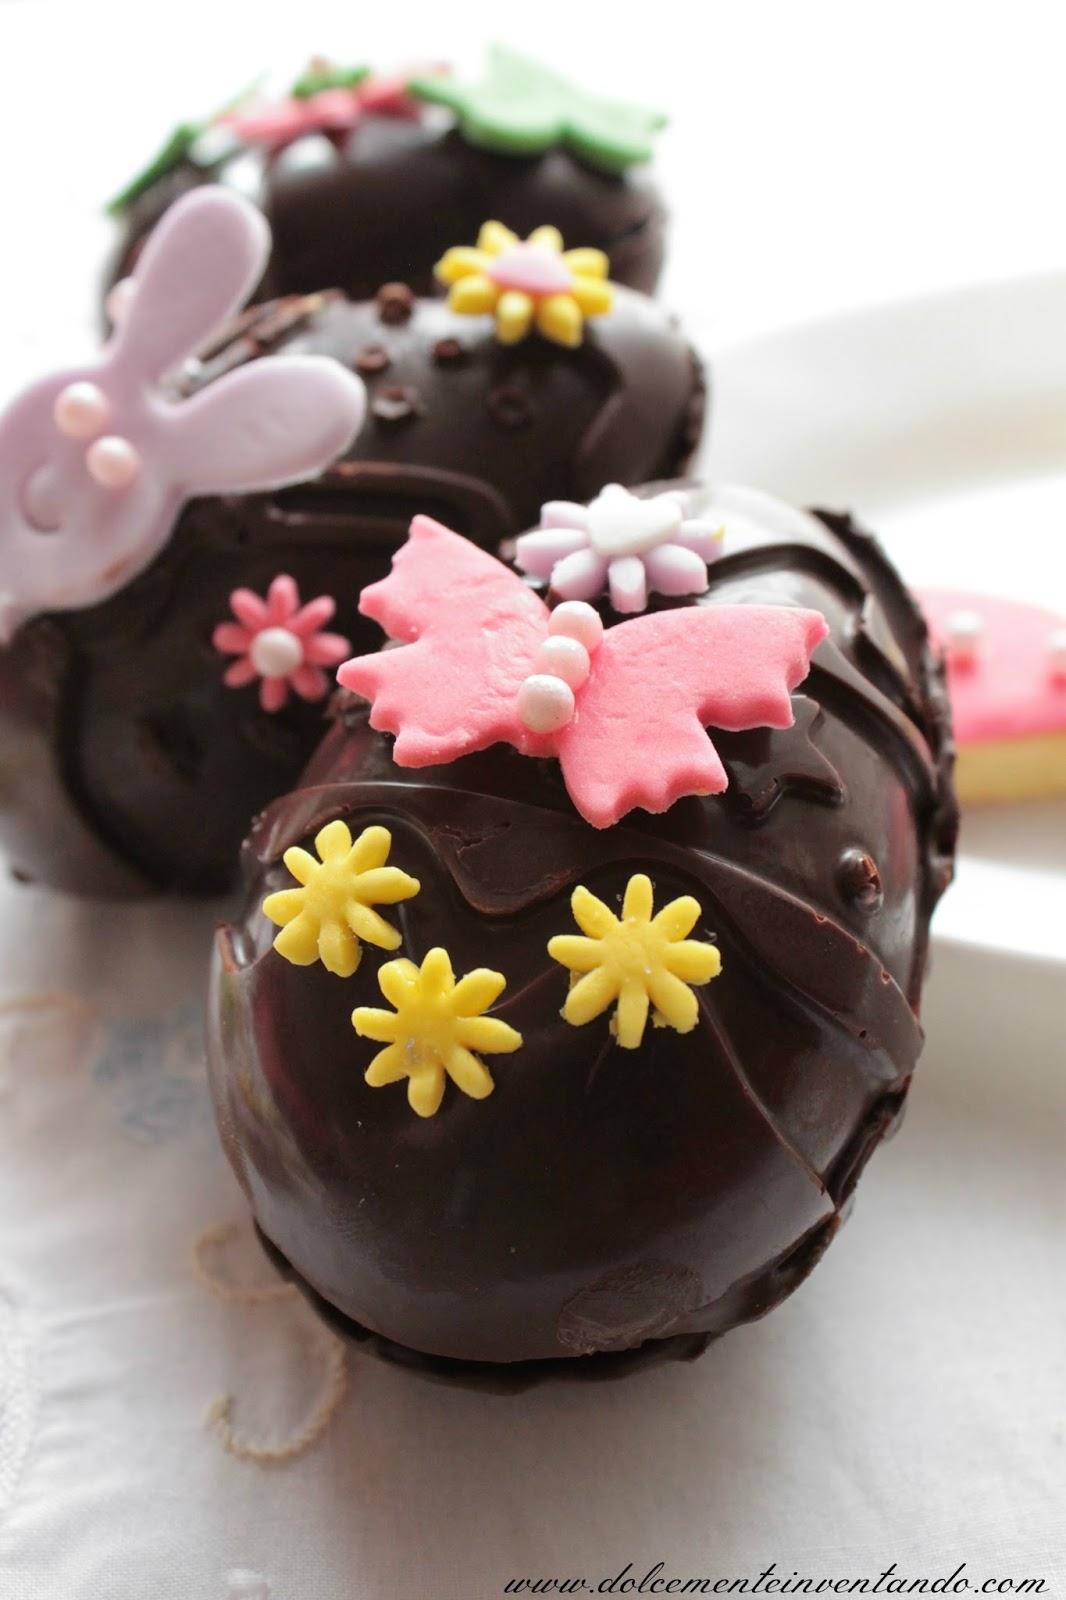 ovetti di pasqua decorati di cioccolato fondente e...auguri!